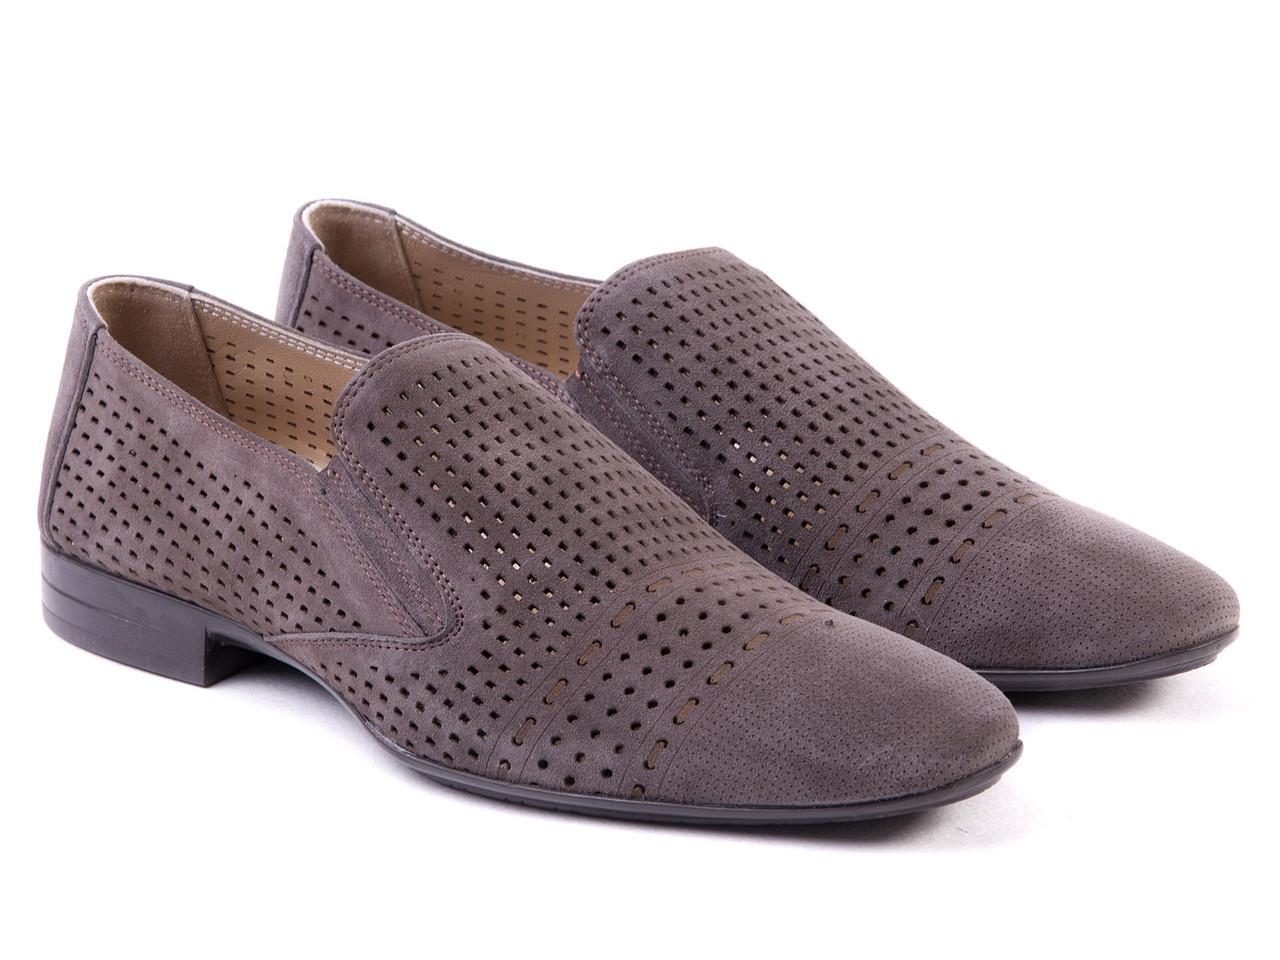 Туфли Etor 11496-7118-16530 42 серые